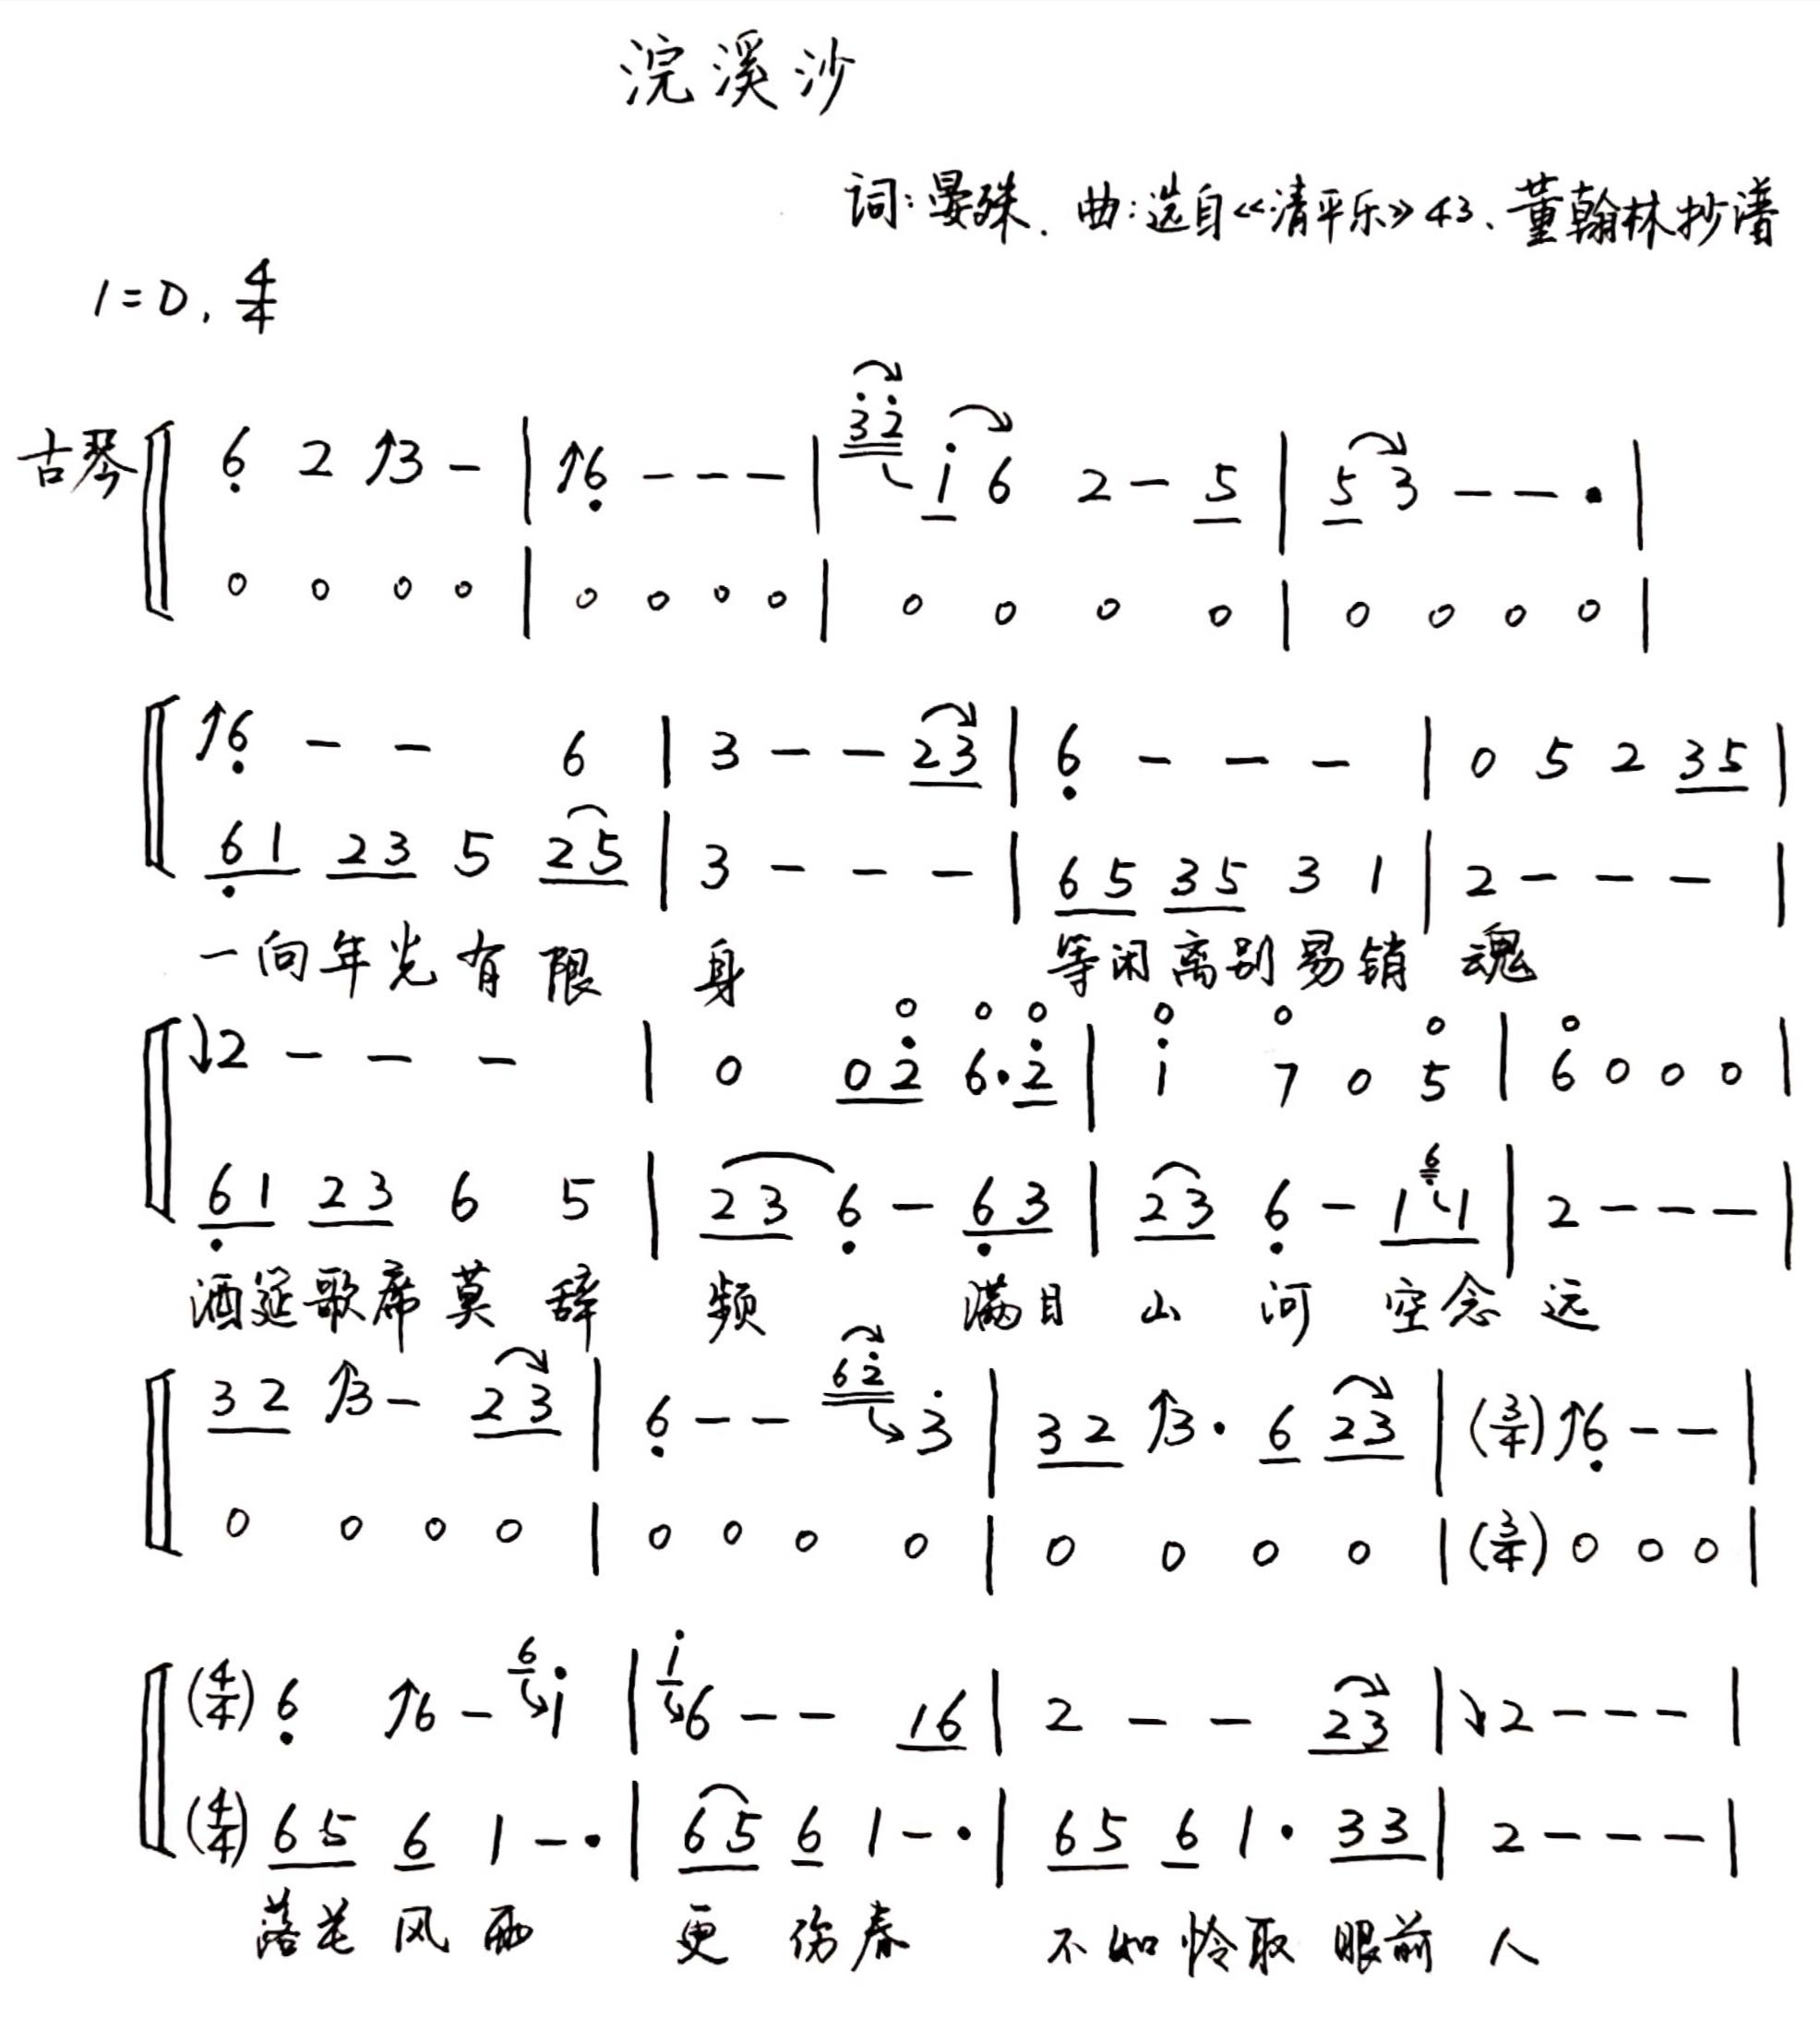 浣溪沙·一向年光有限身 晏殊 曲谱